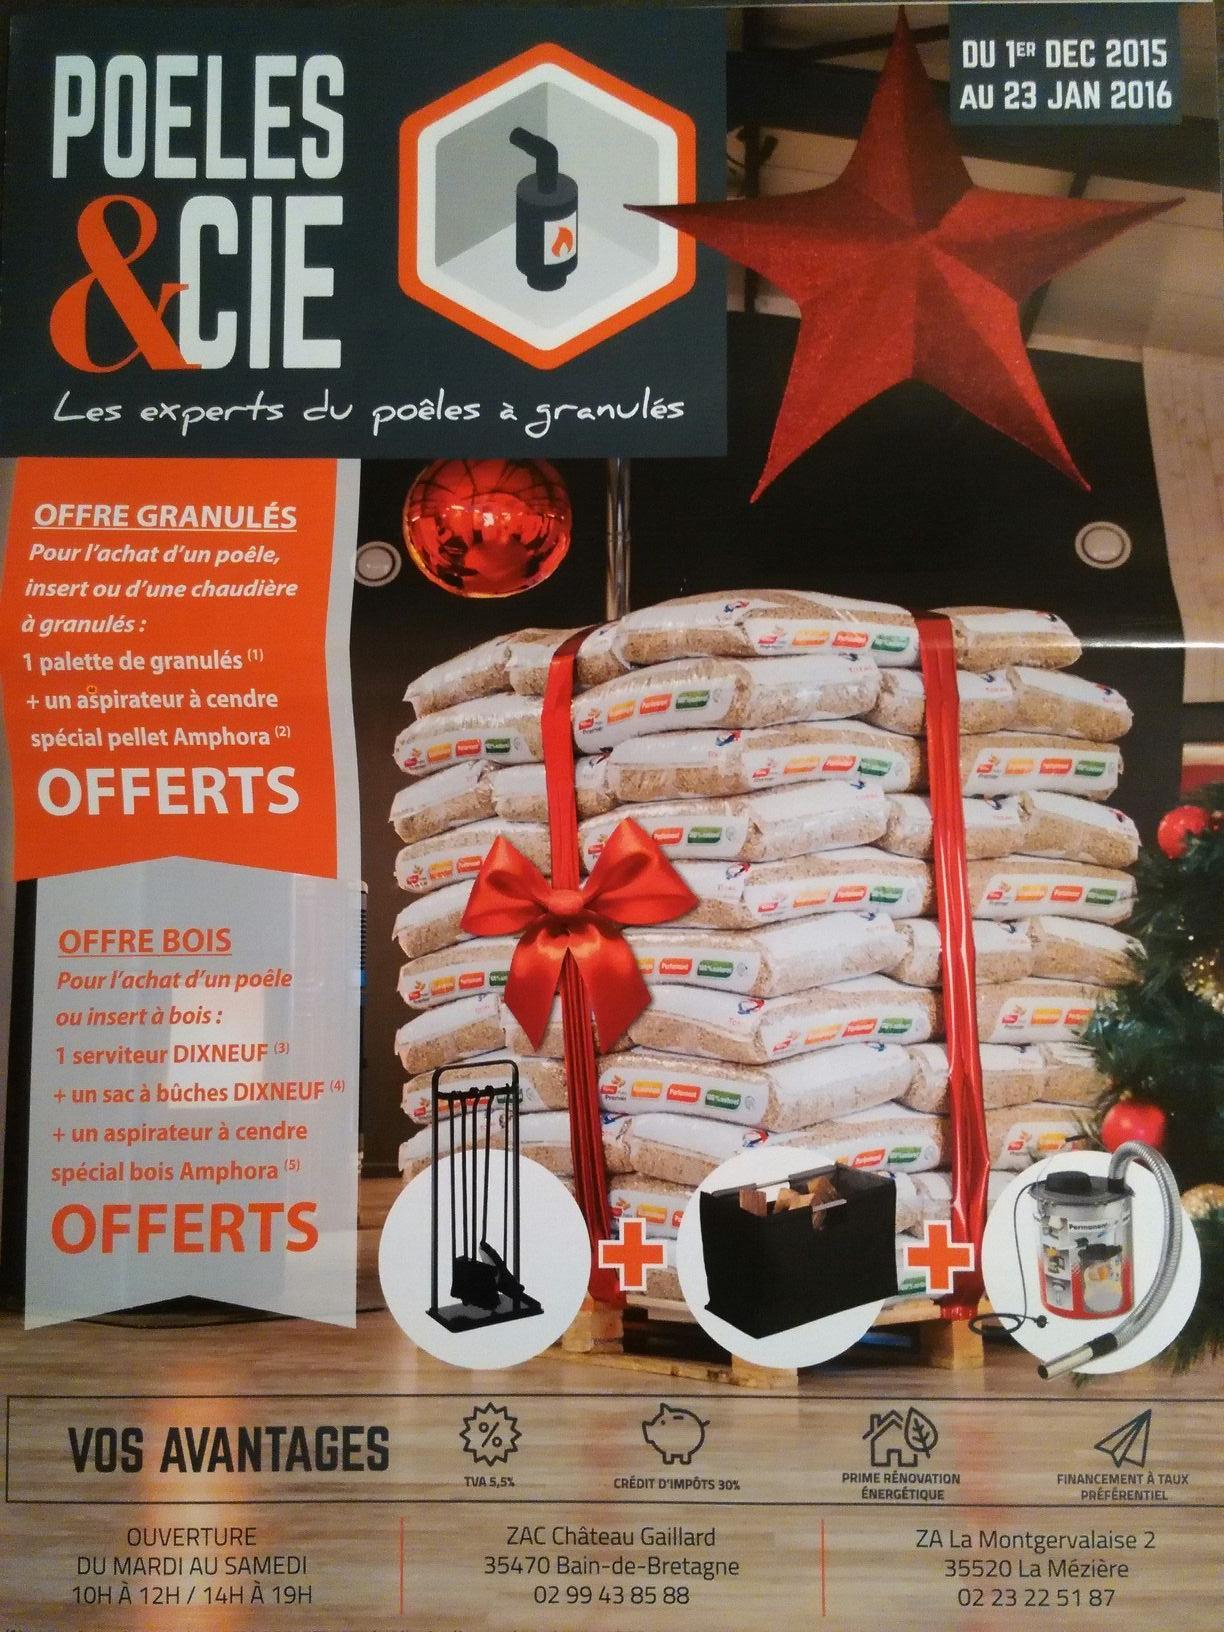 3 cadeaux (Aspirateur, sac à buches...) offerts pour l'achat d'un poêle à bois